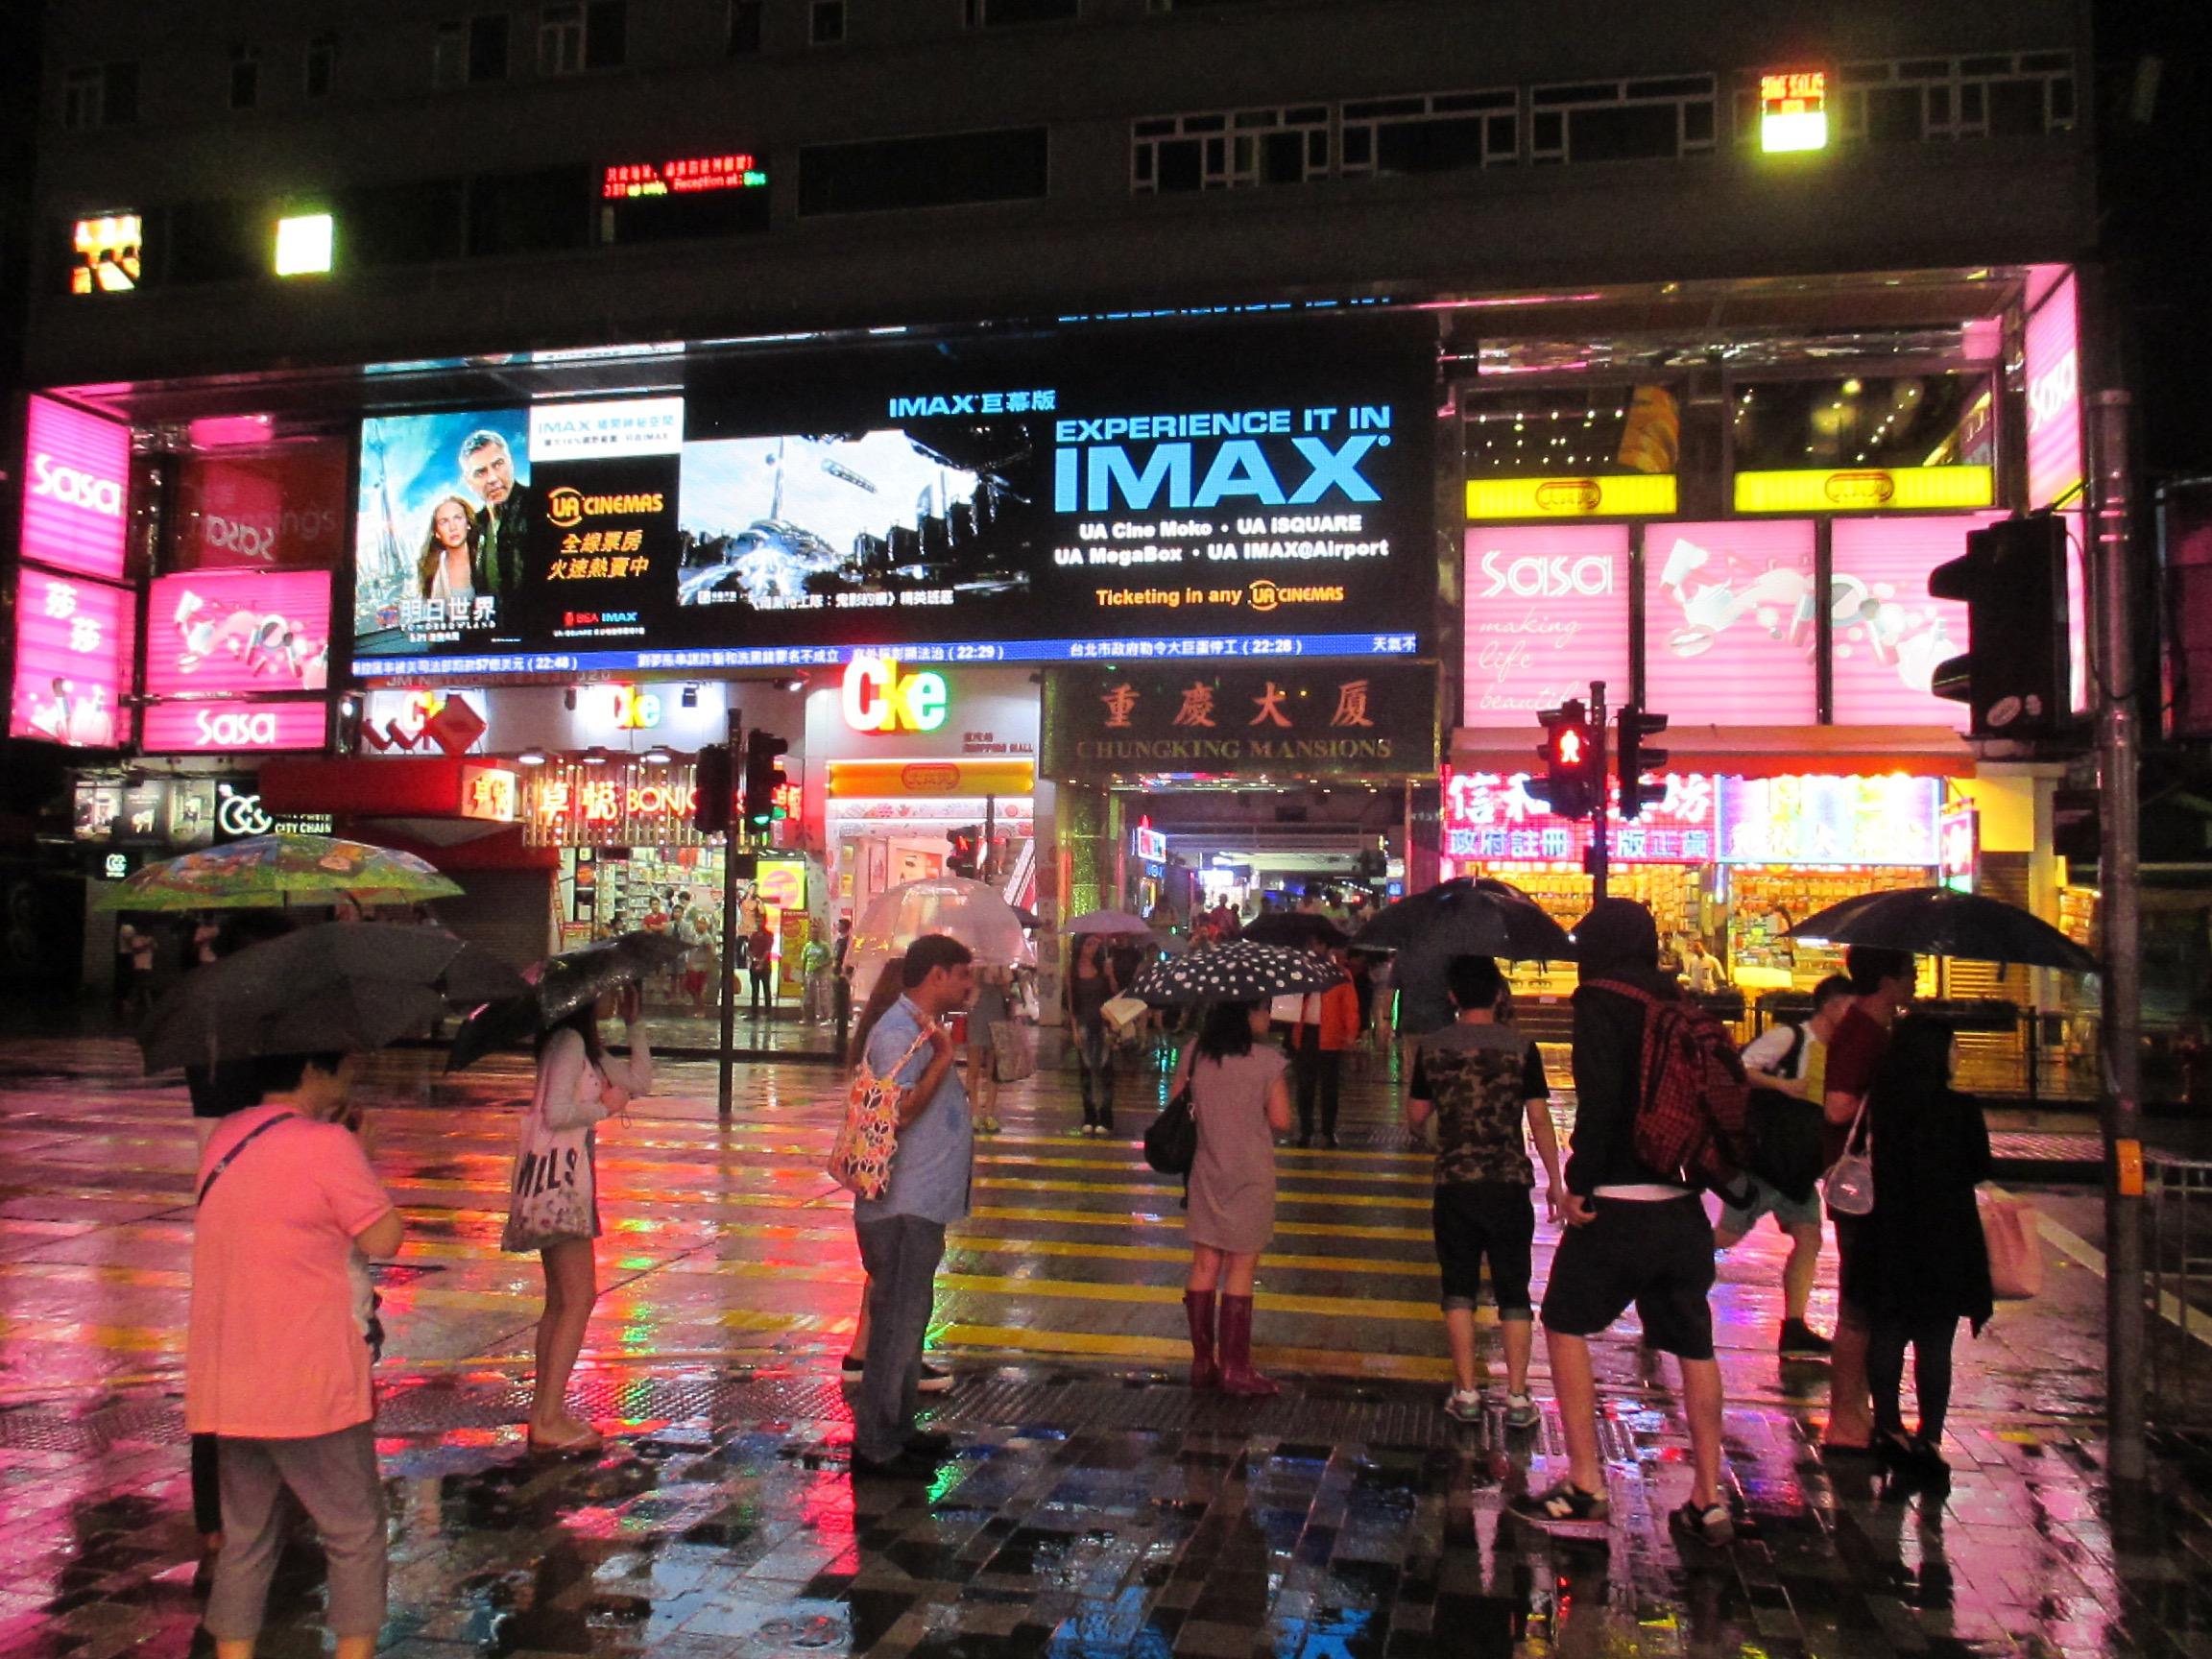 香港スタバでwifi接続の時間を延ばす簡単な方法